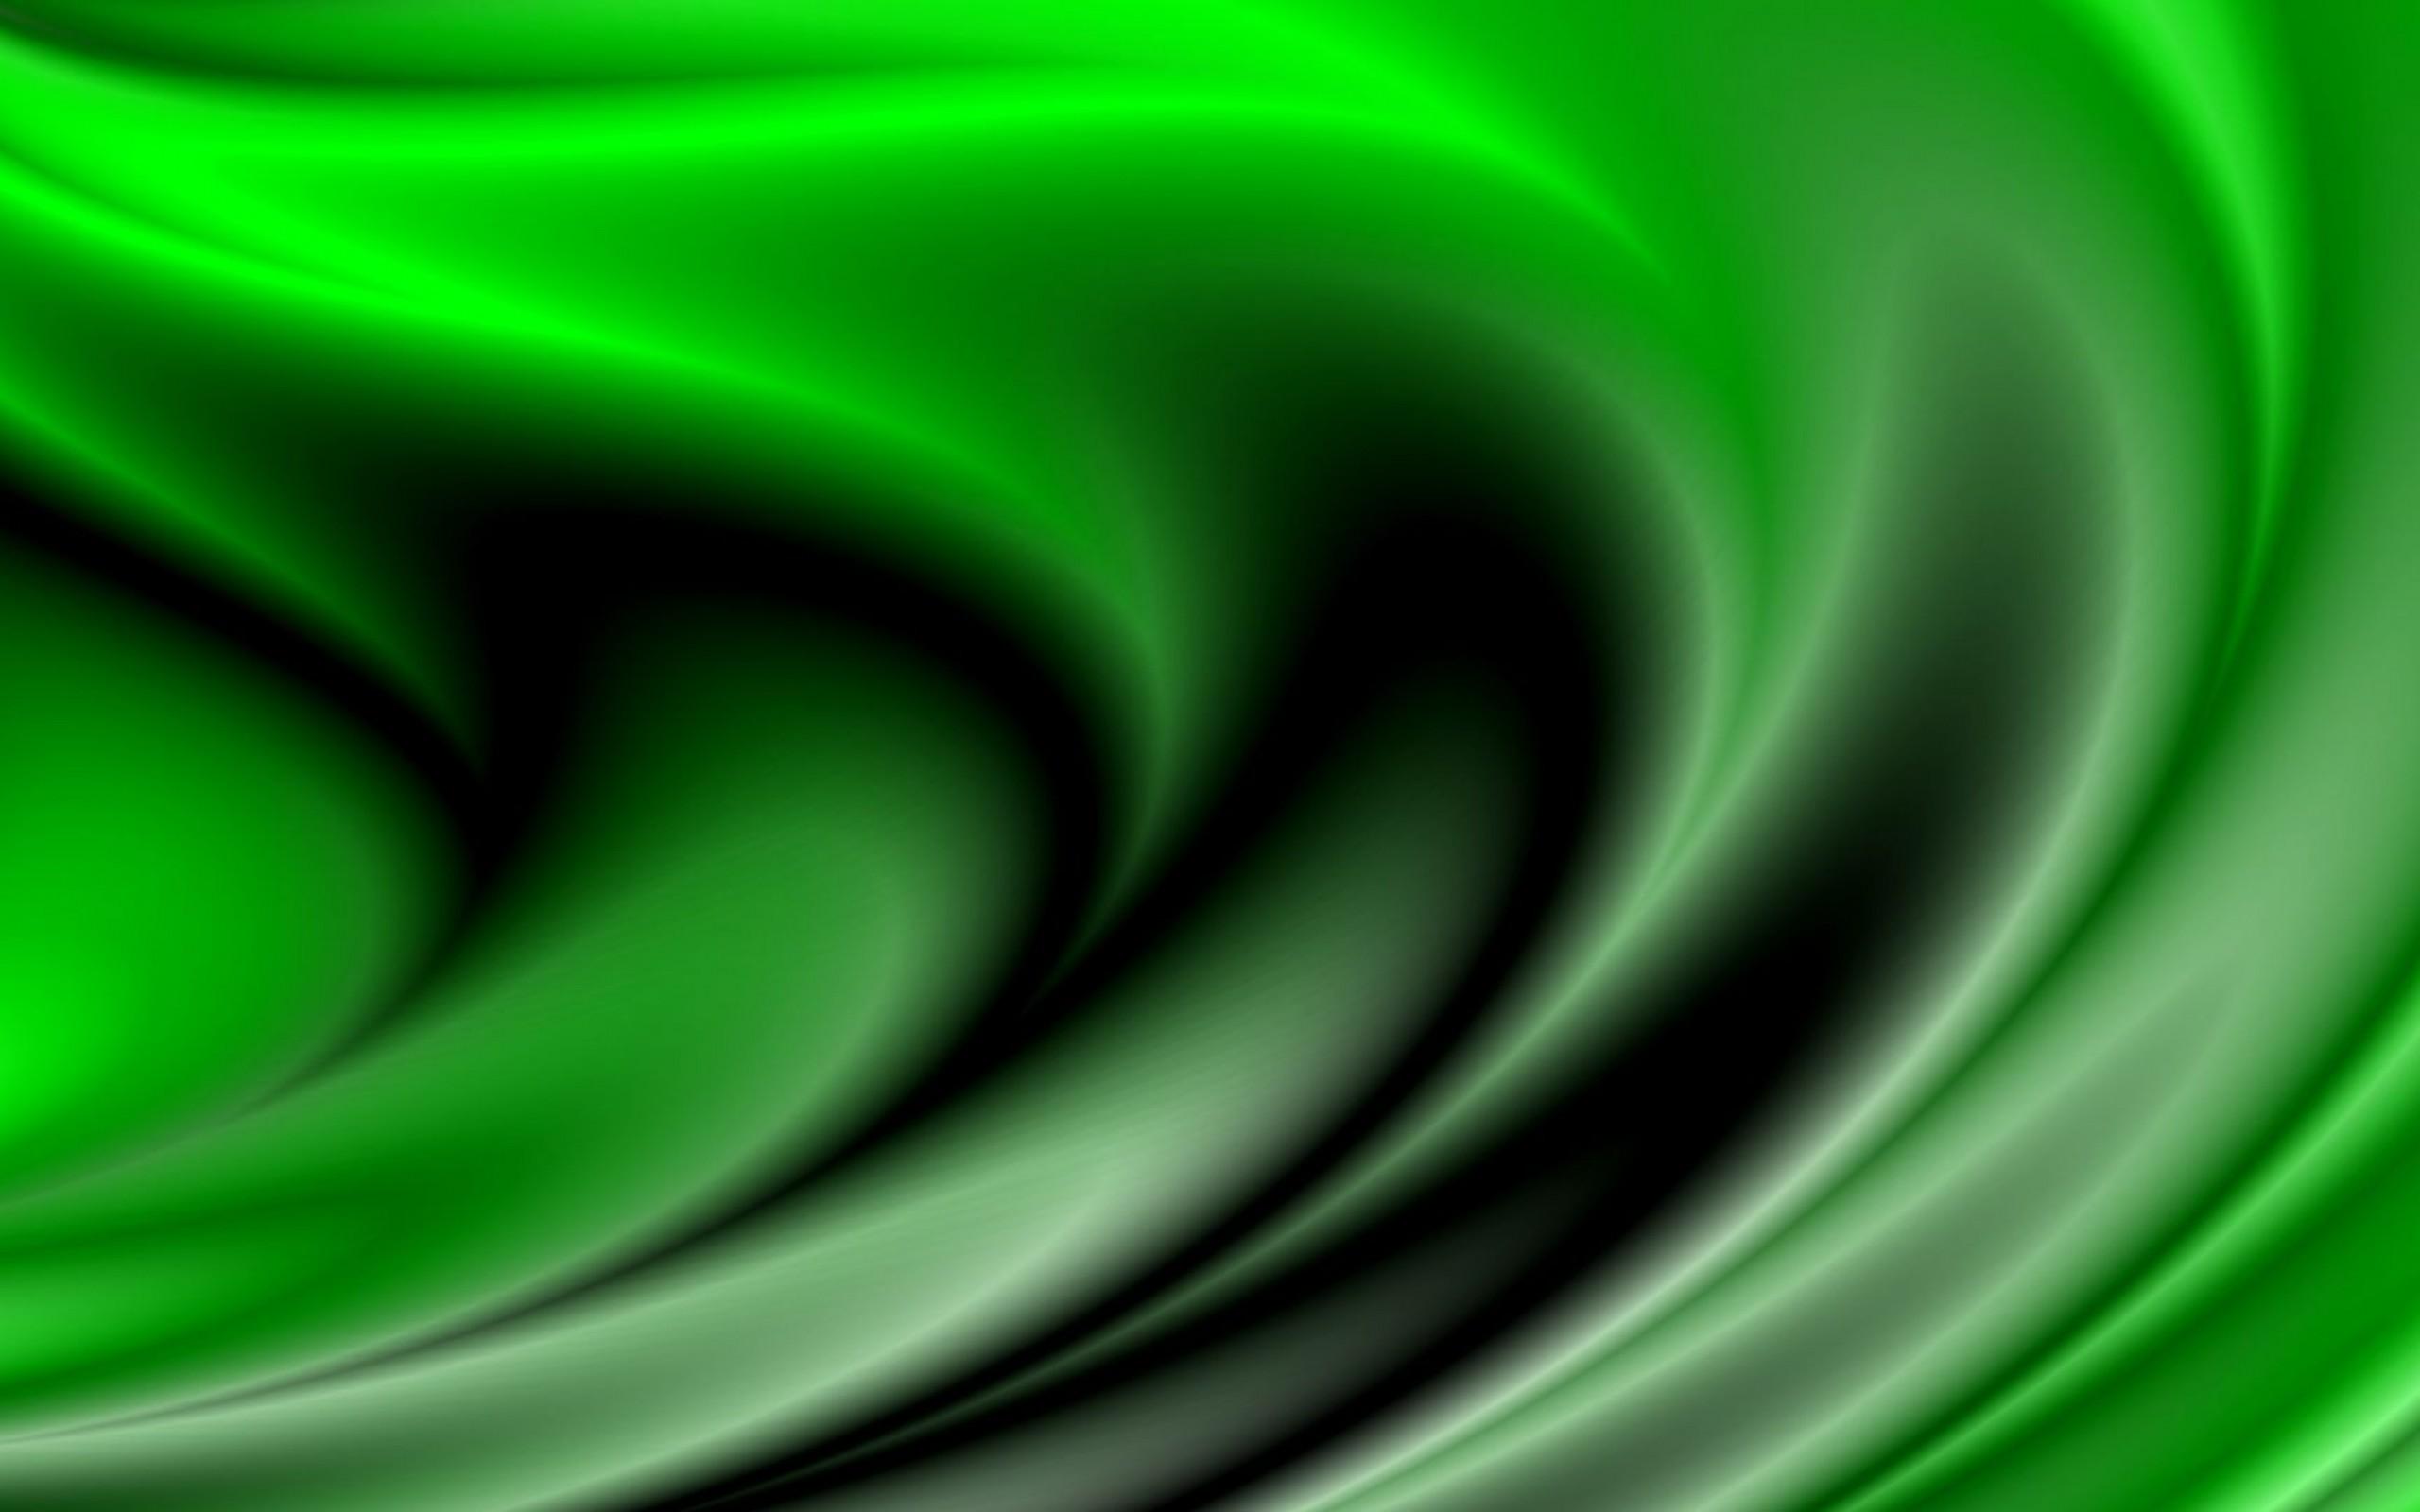 Green Silk Wallpaper - WallpaperSafari